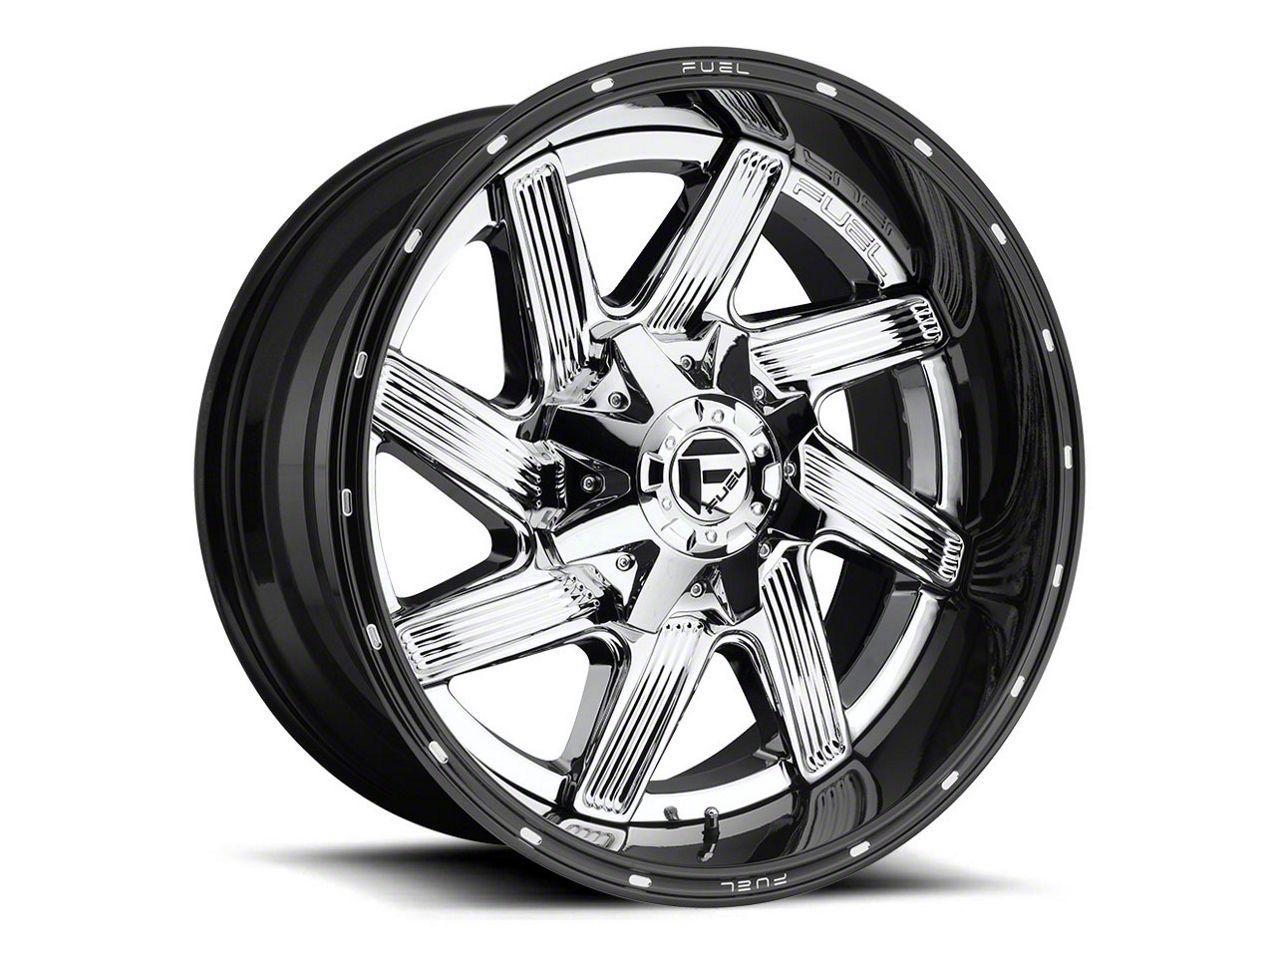 Fuel Wheels Moab Chrome 6-Lug Wheel - 22x10 (99-18 Silverado 1500)